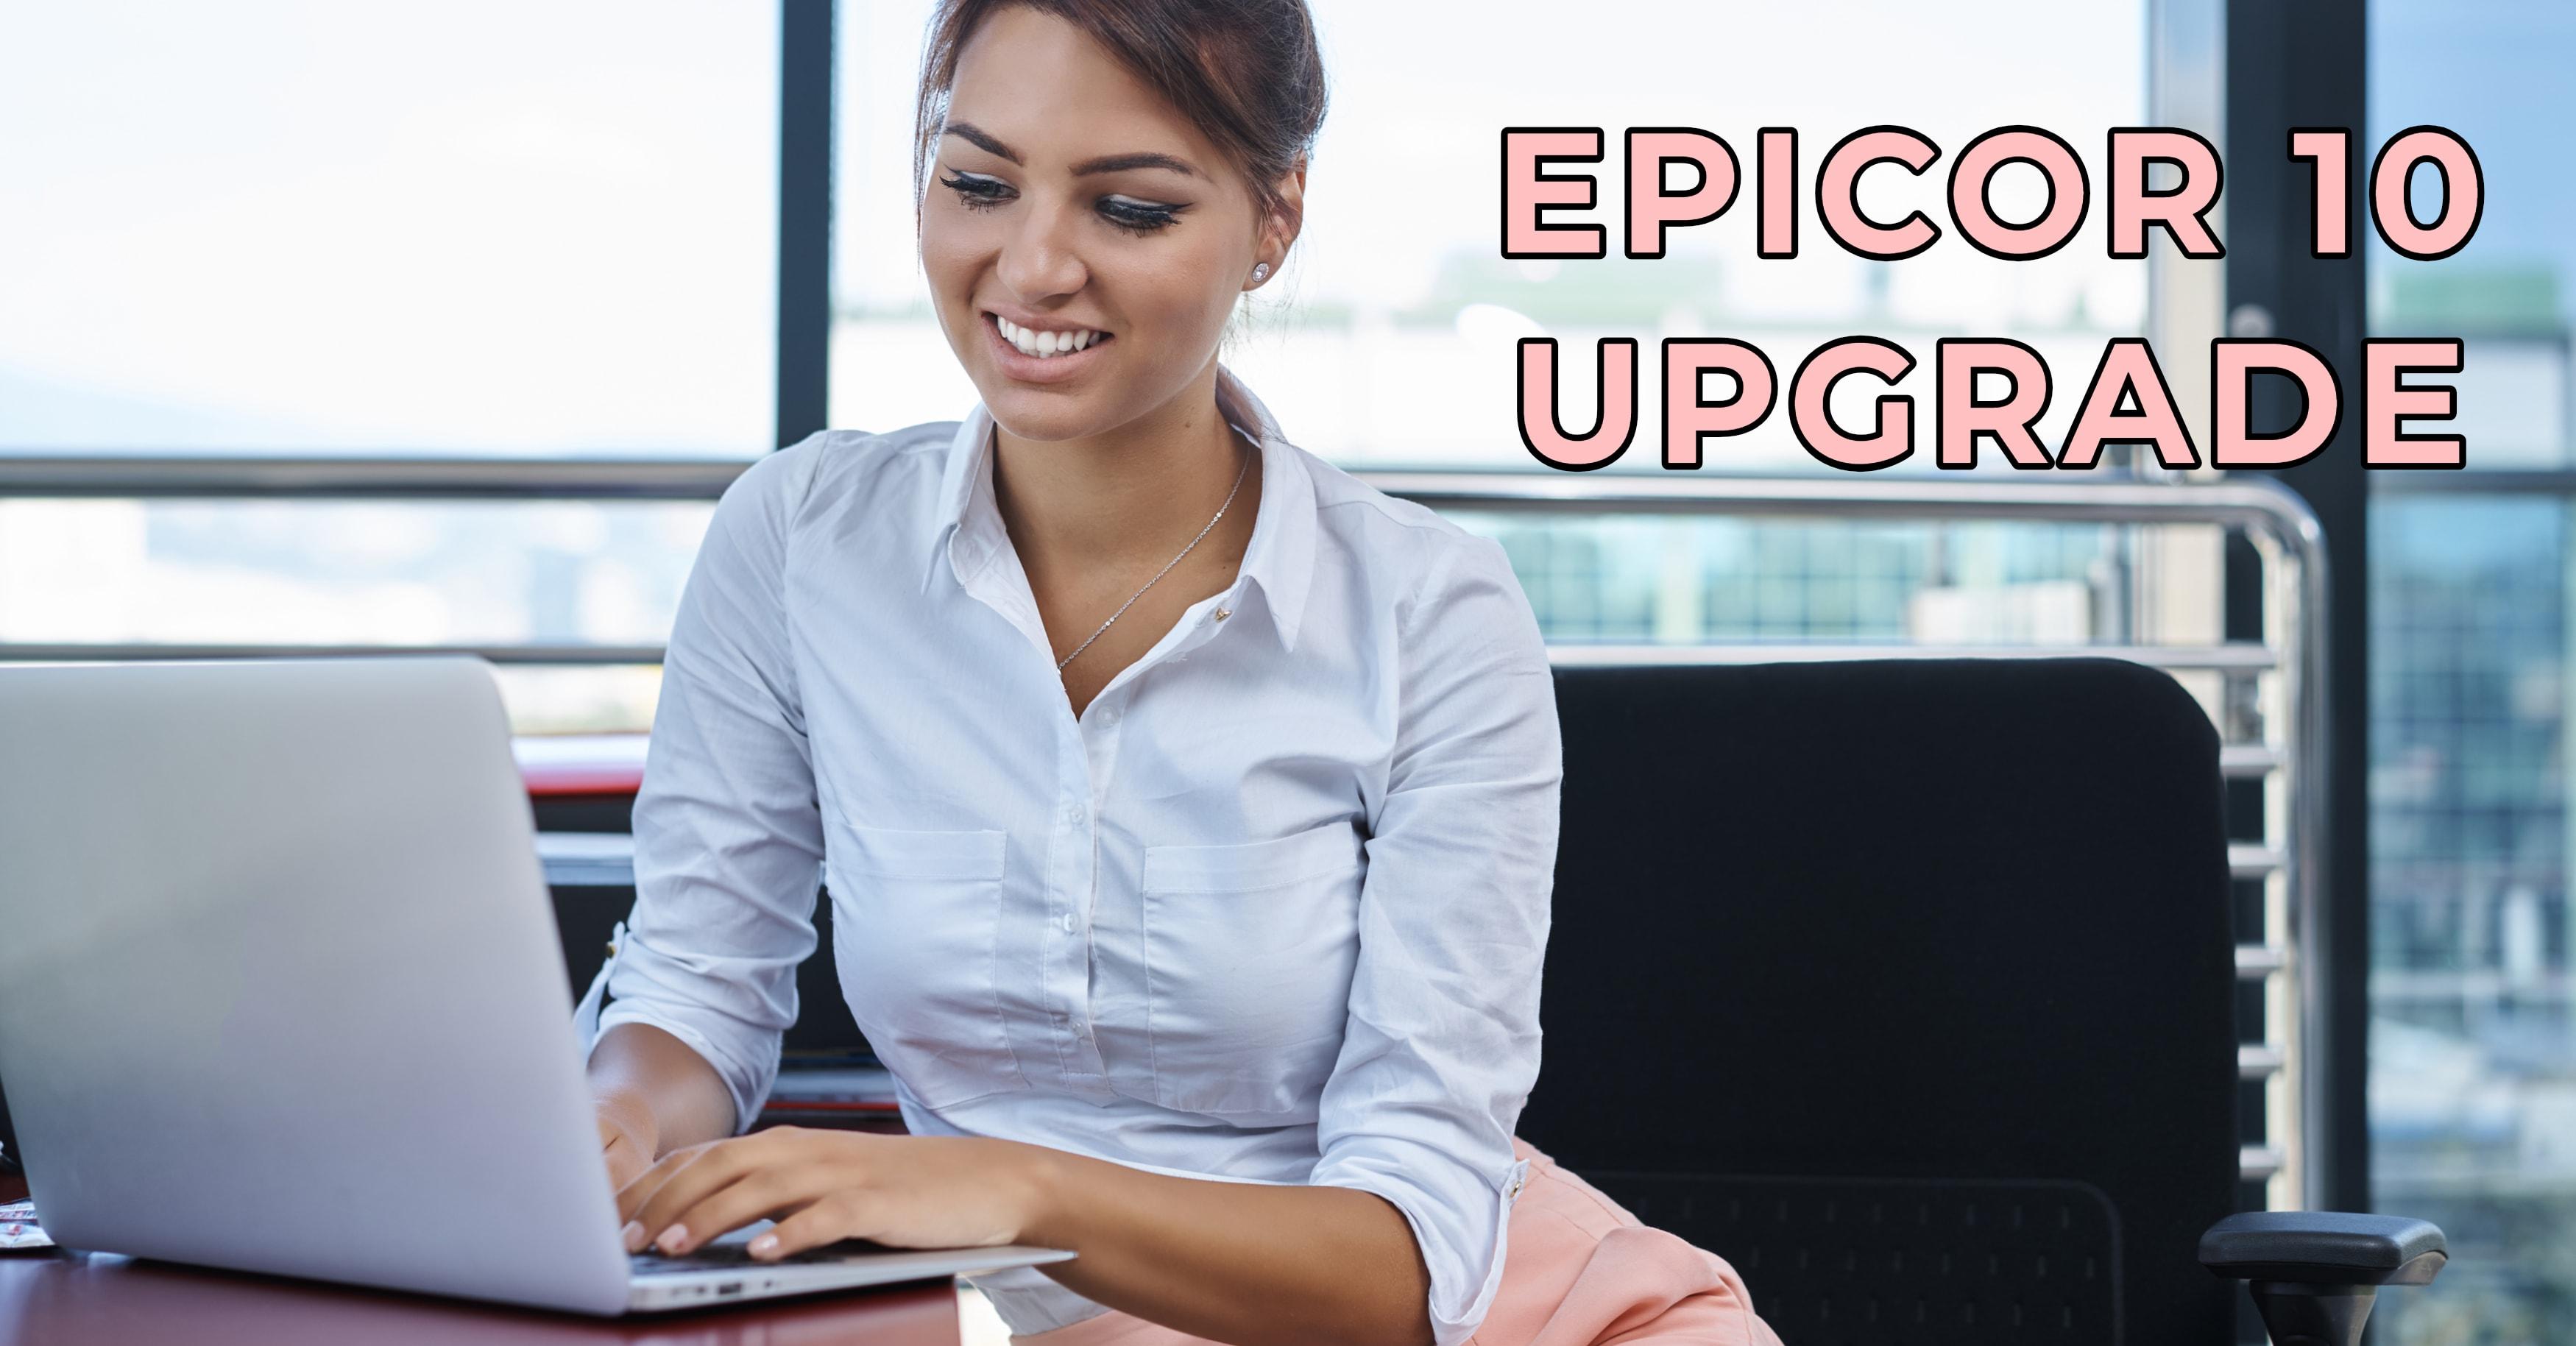 Epicor 10 Upgrade